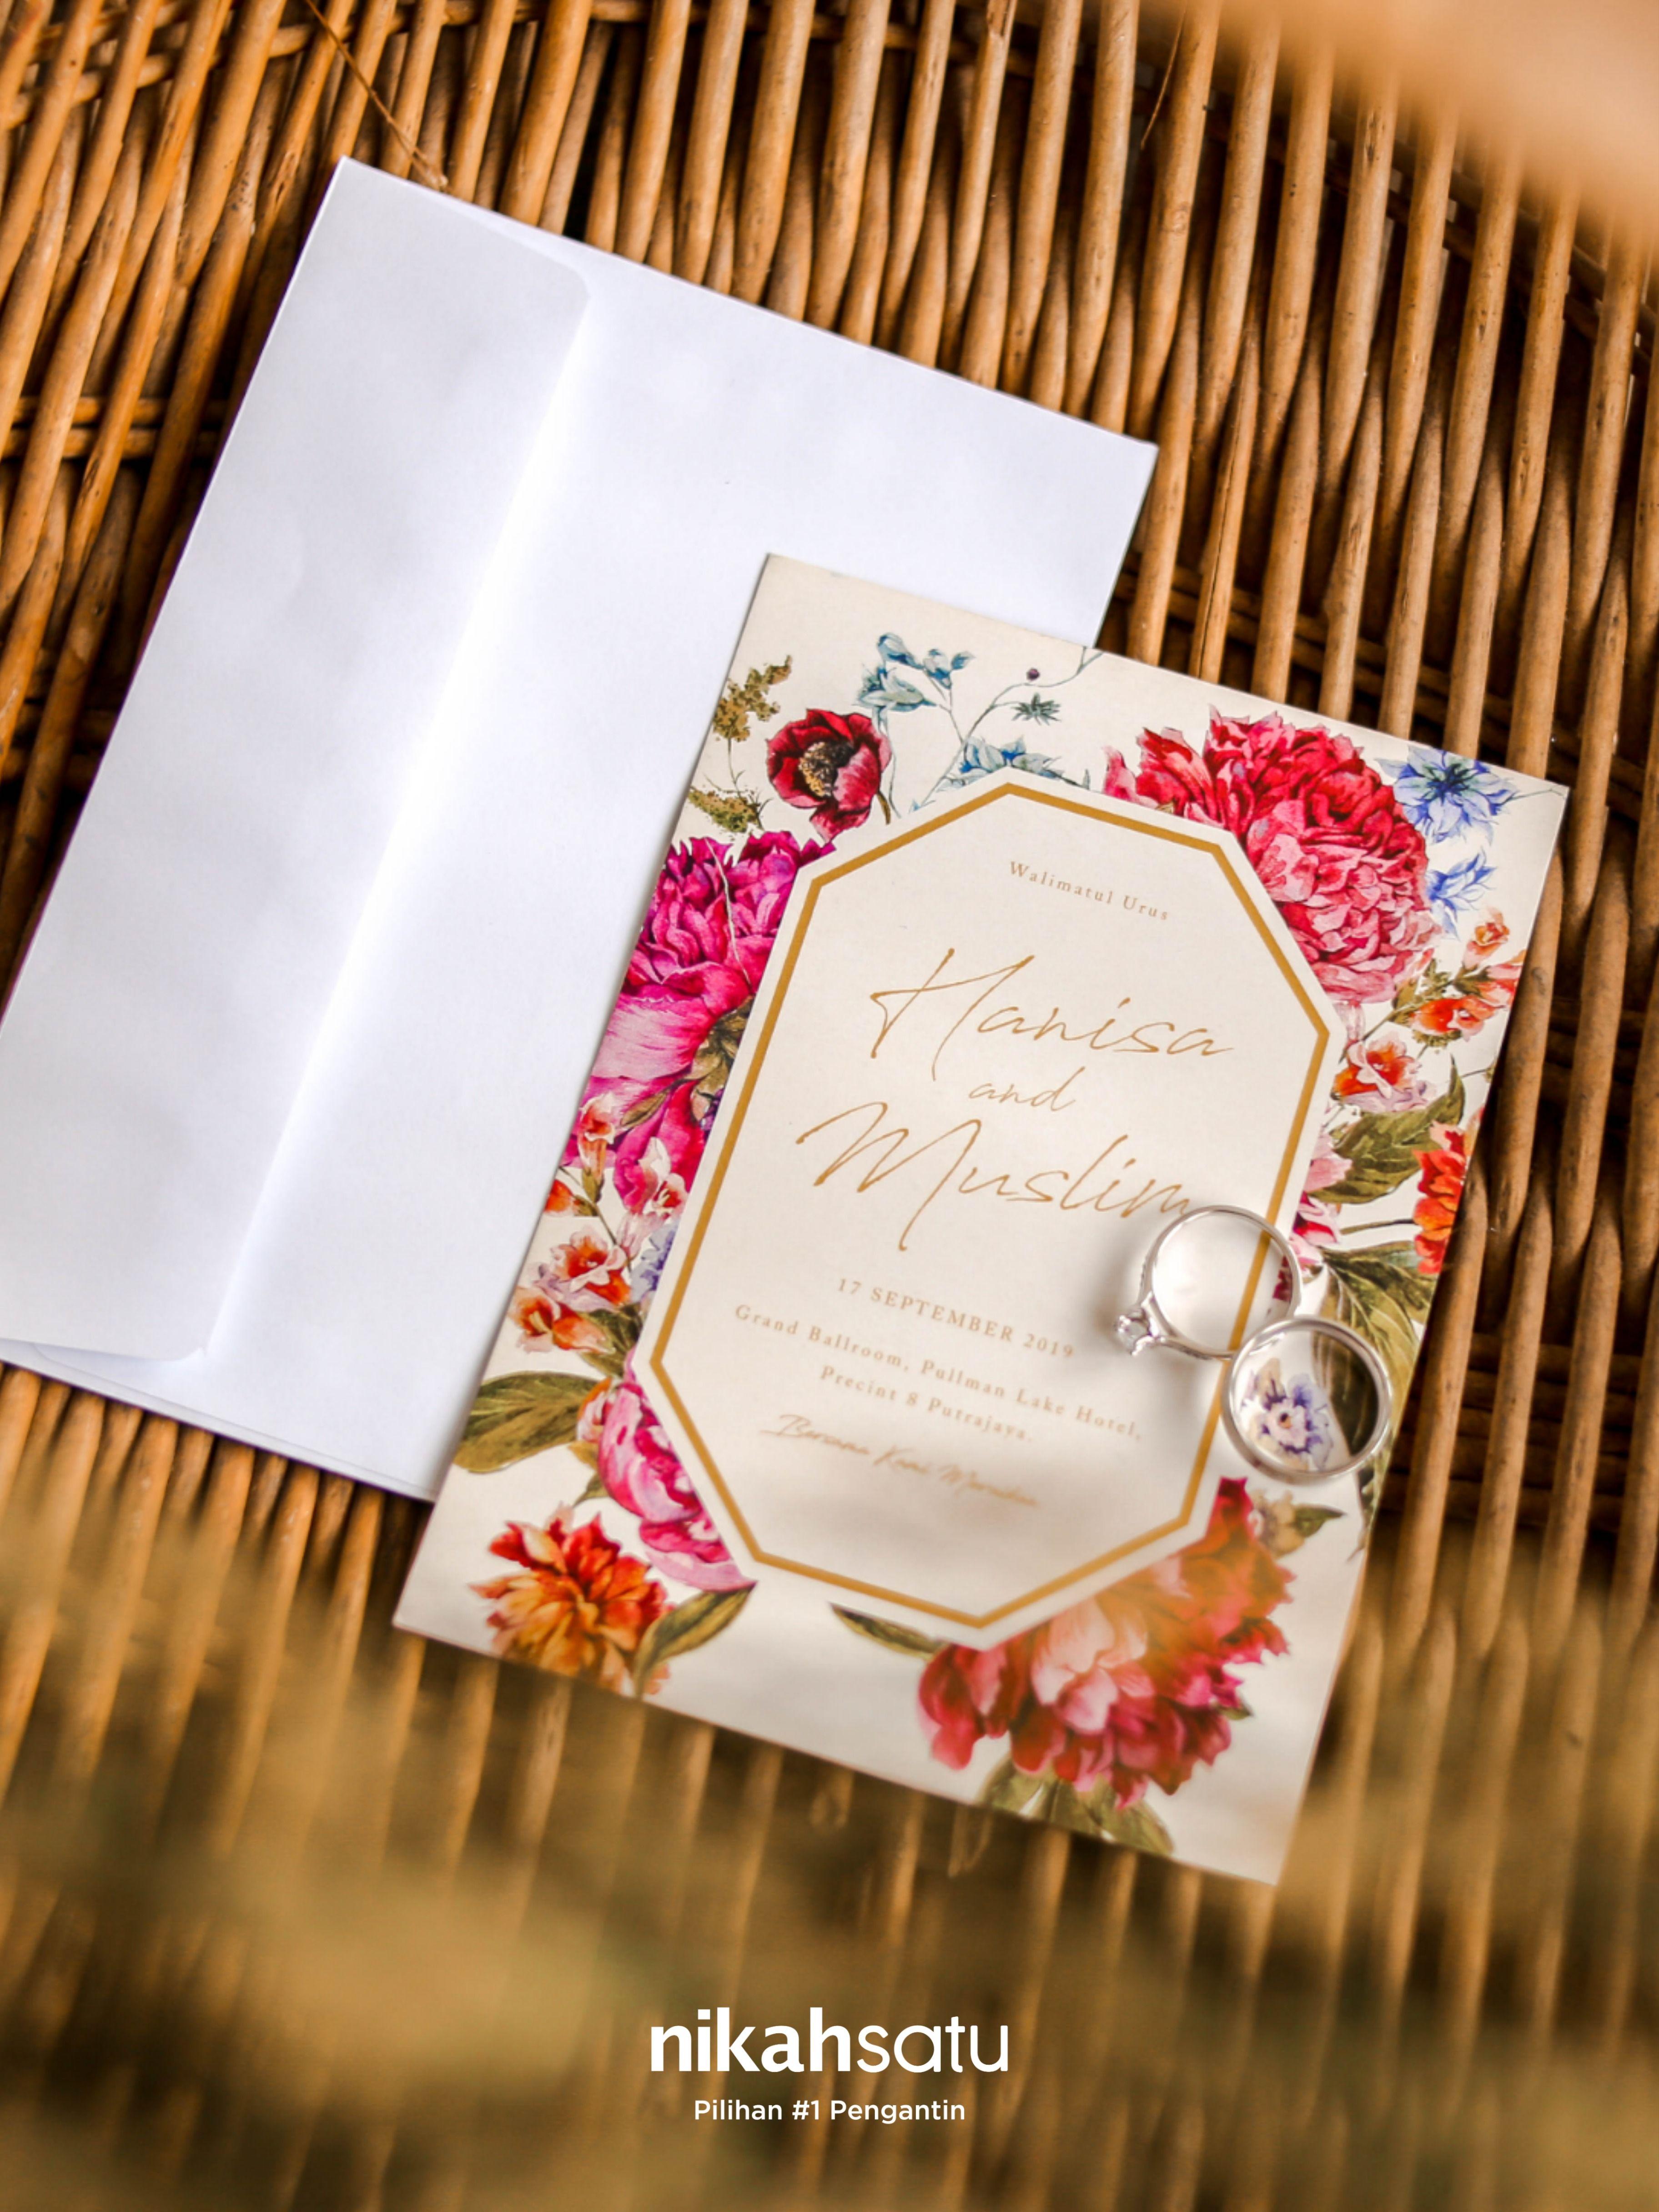 Printed Pakej Standard Digital Card And Premium Function Money Gift Salam Kaut Digital Book Now At Rm1 Only At Nikahsatu Com Undangan Pernikahan Pengantin